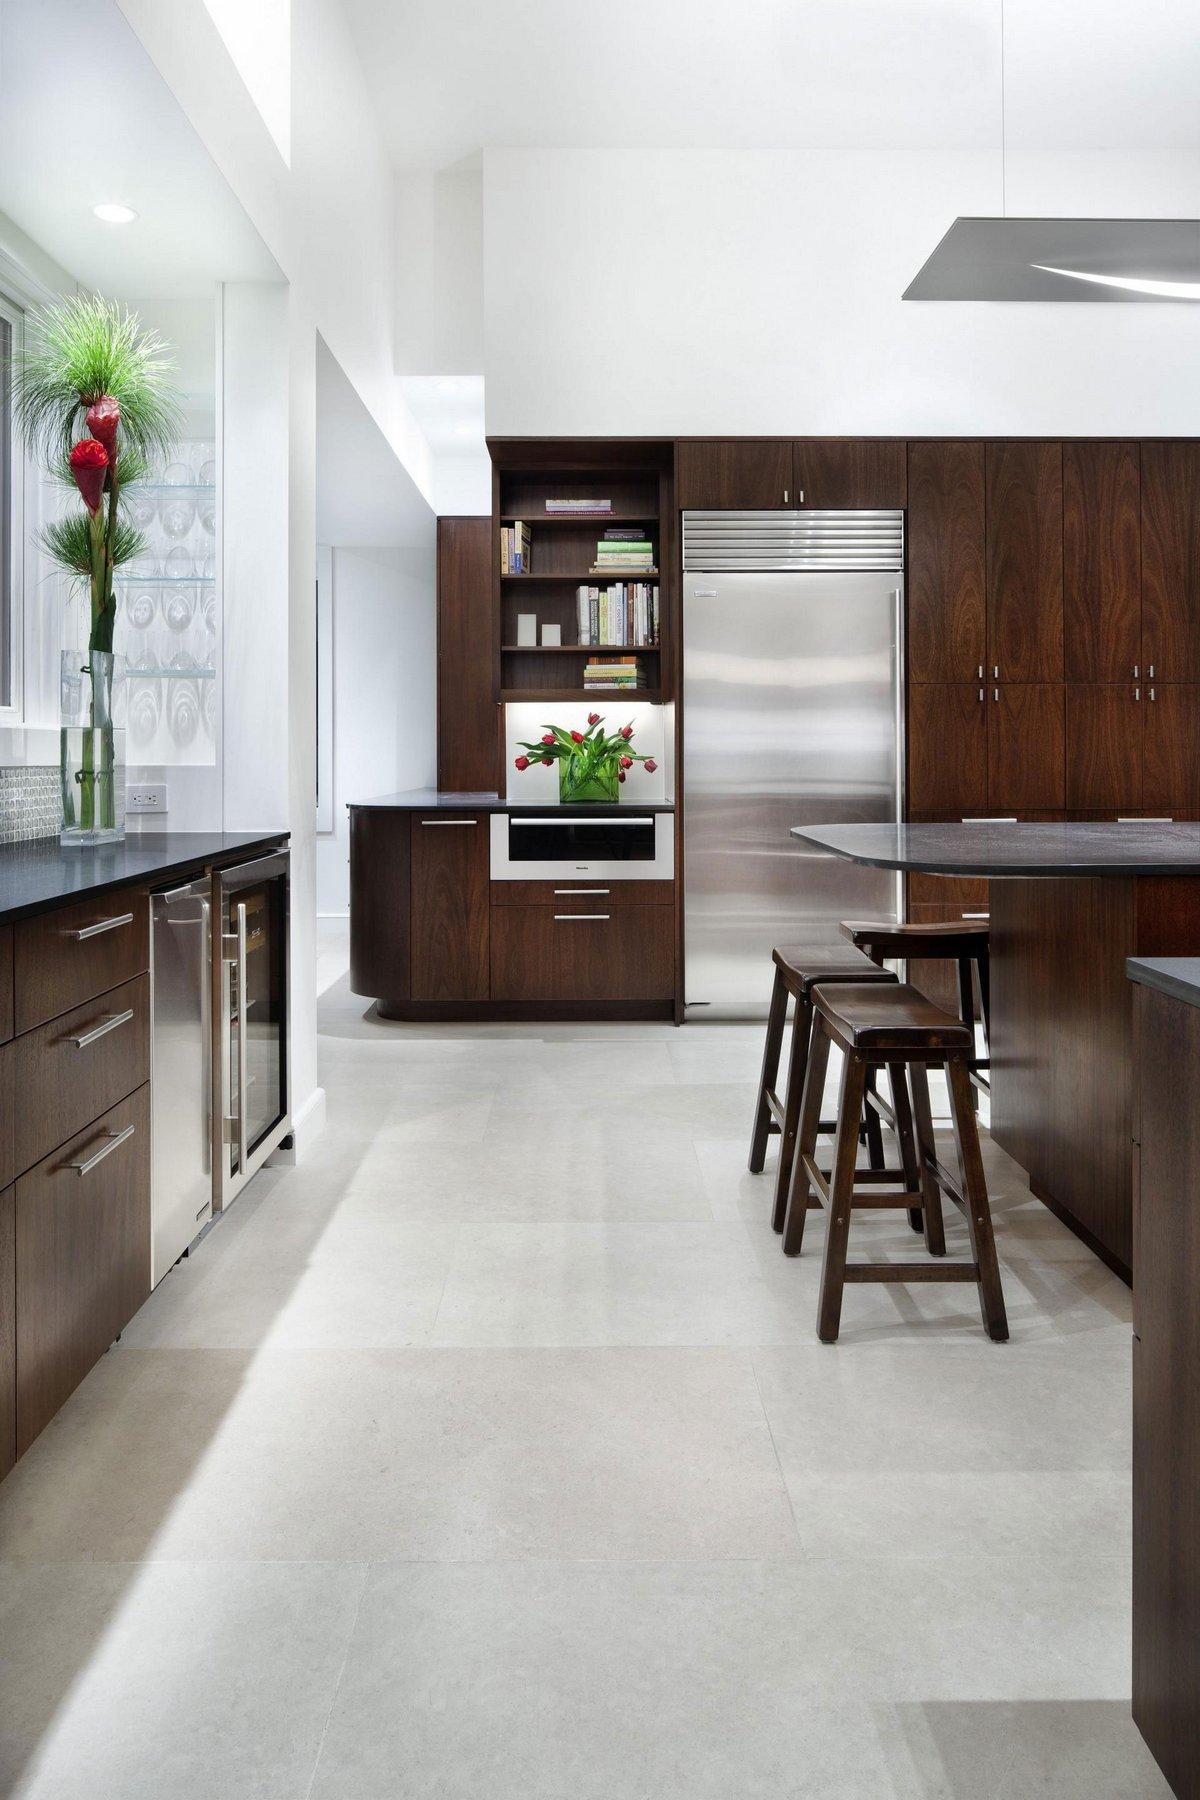 Miro Rivera Architects, частная резиденция Tree House, частный дом в Остине, дома в Техасе, частные дома в США, интерьеры американских домов